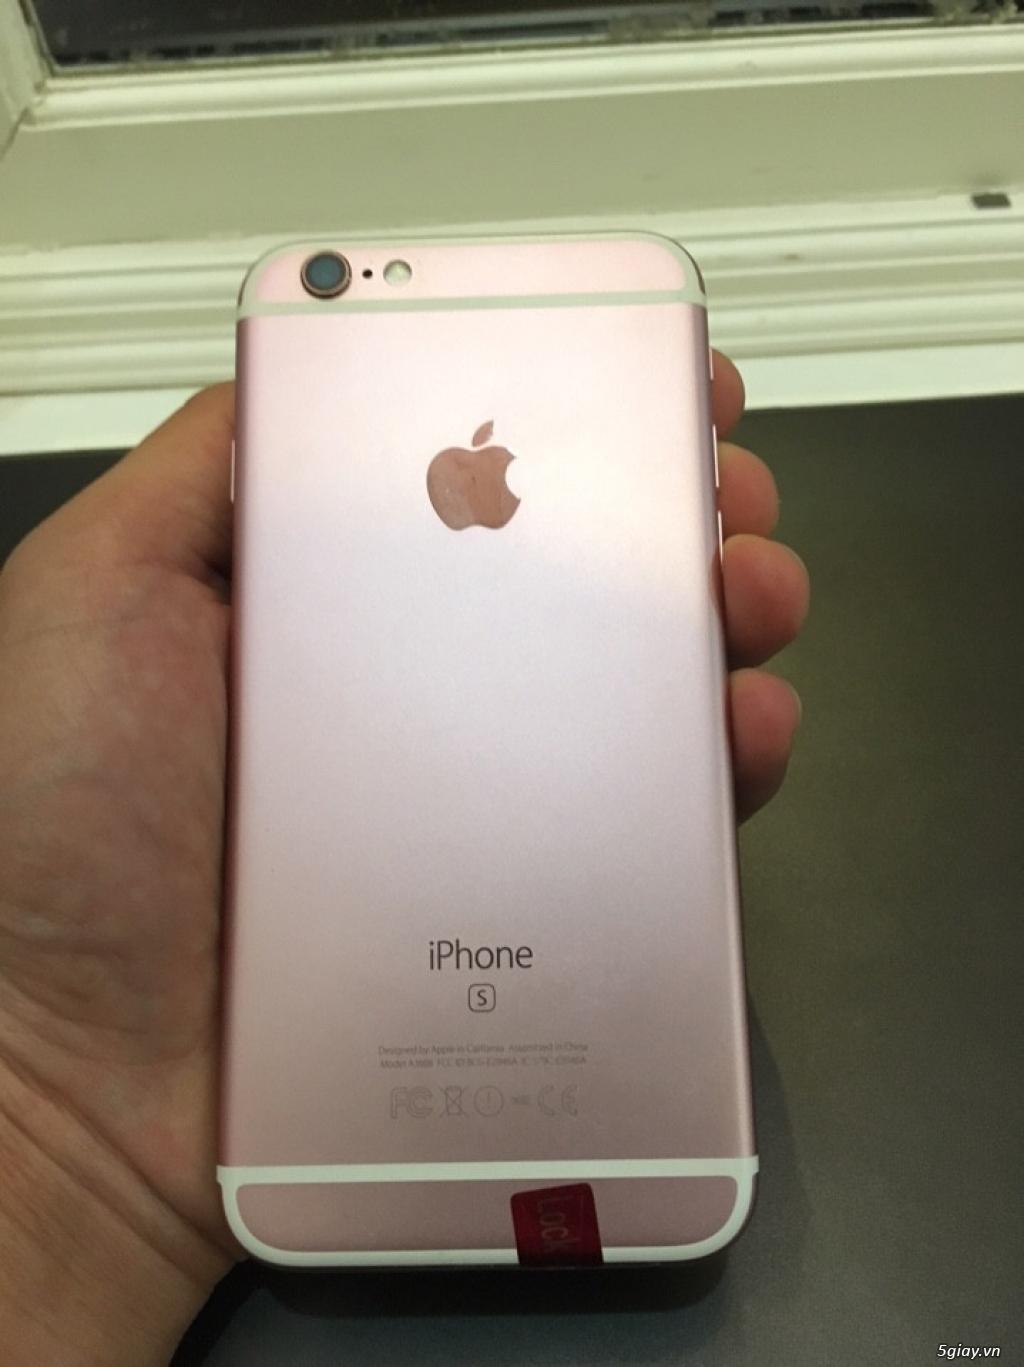 Bán iphone 6s-16gb-rose gold-lock nhật 99% zin all nguyên bản. - 2